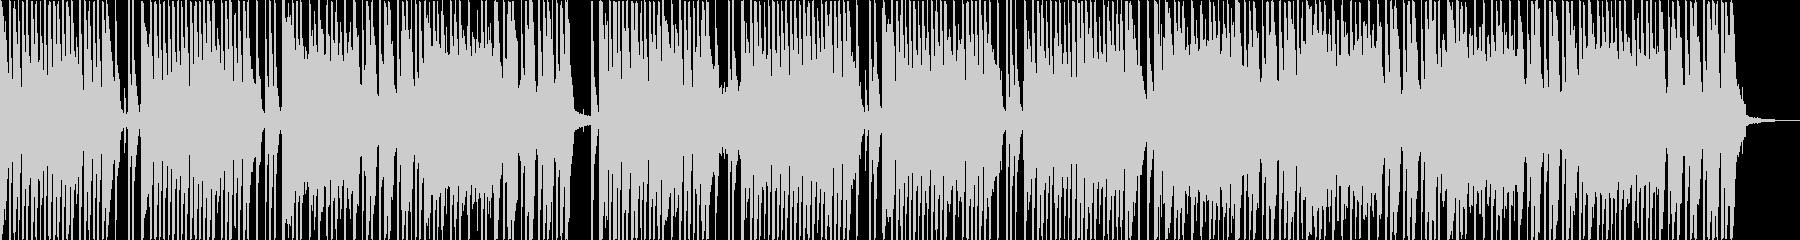 軽快なリズム 8ビート曲。の未再生の波形